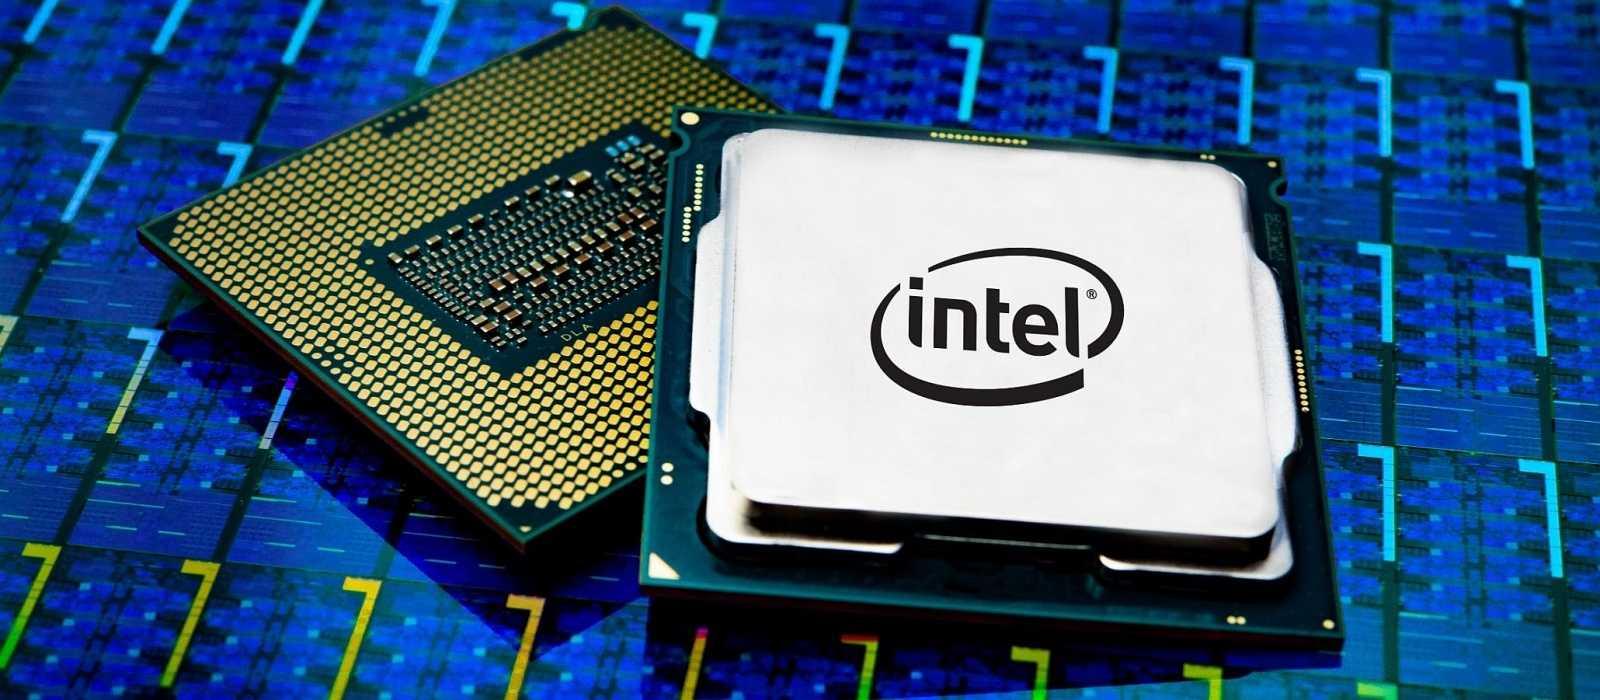 Intel stellt seinen leistungsstärksten Gaming-Prozessor vor